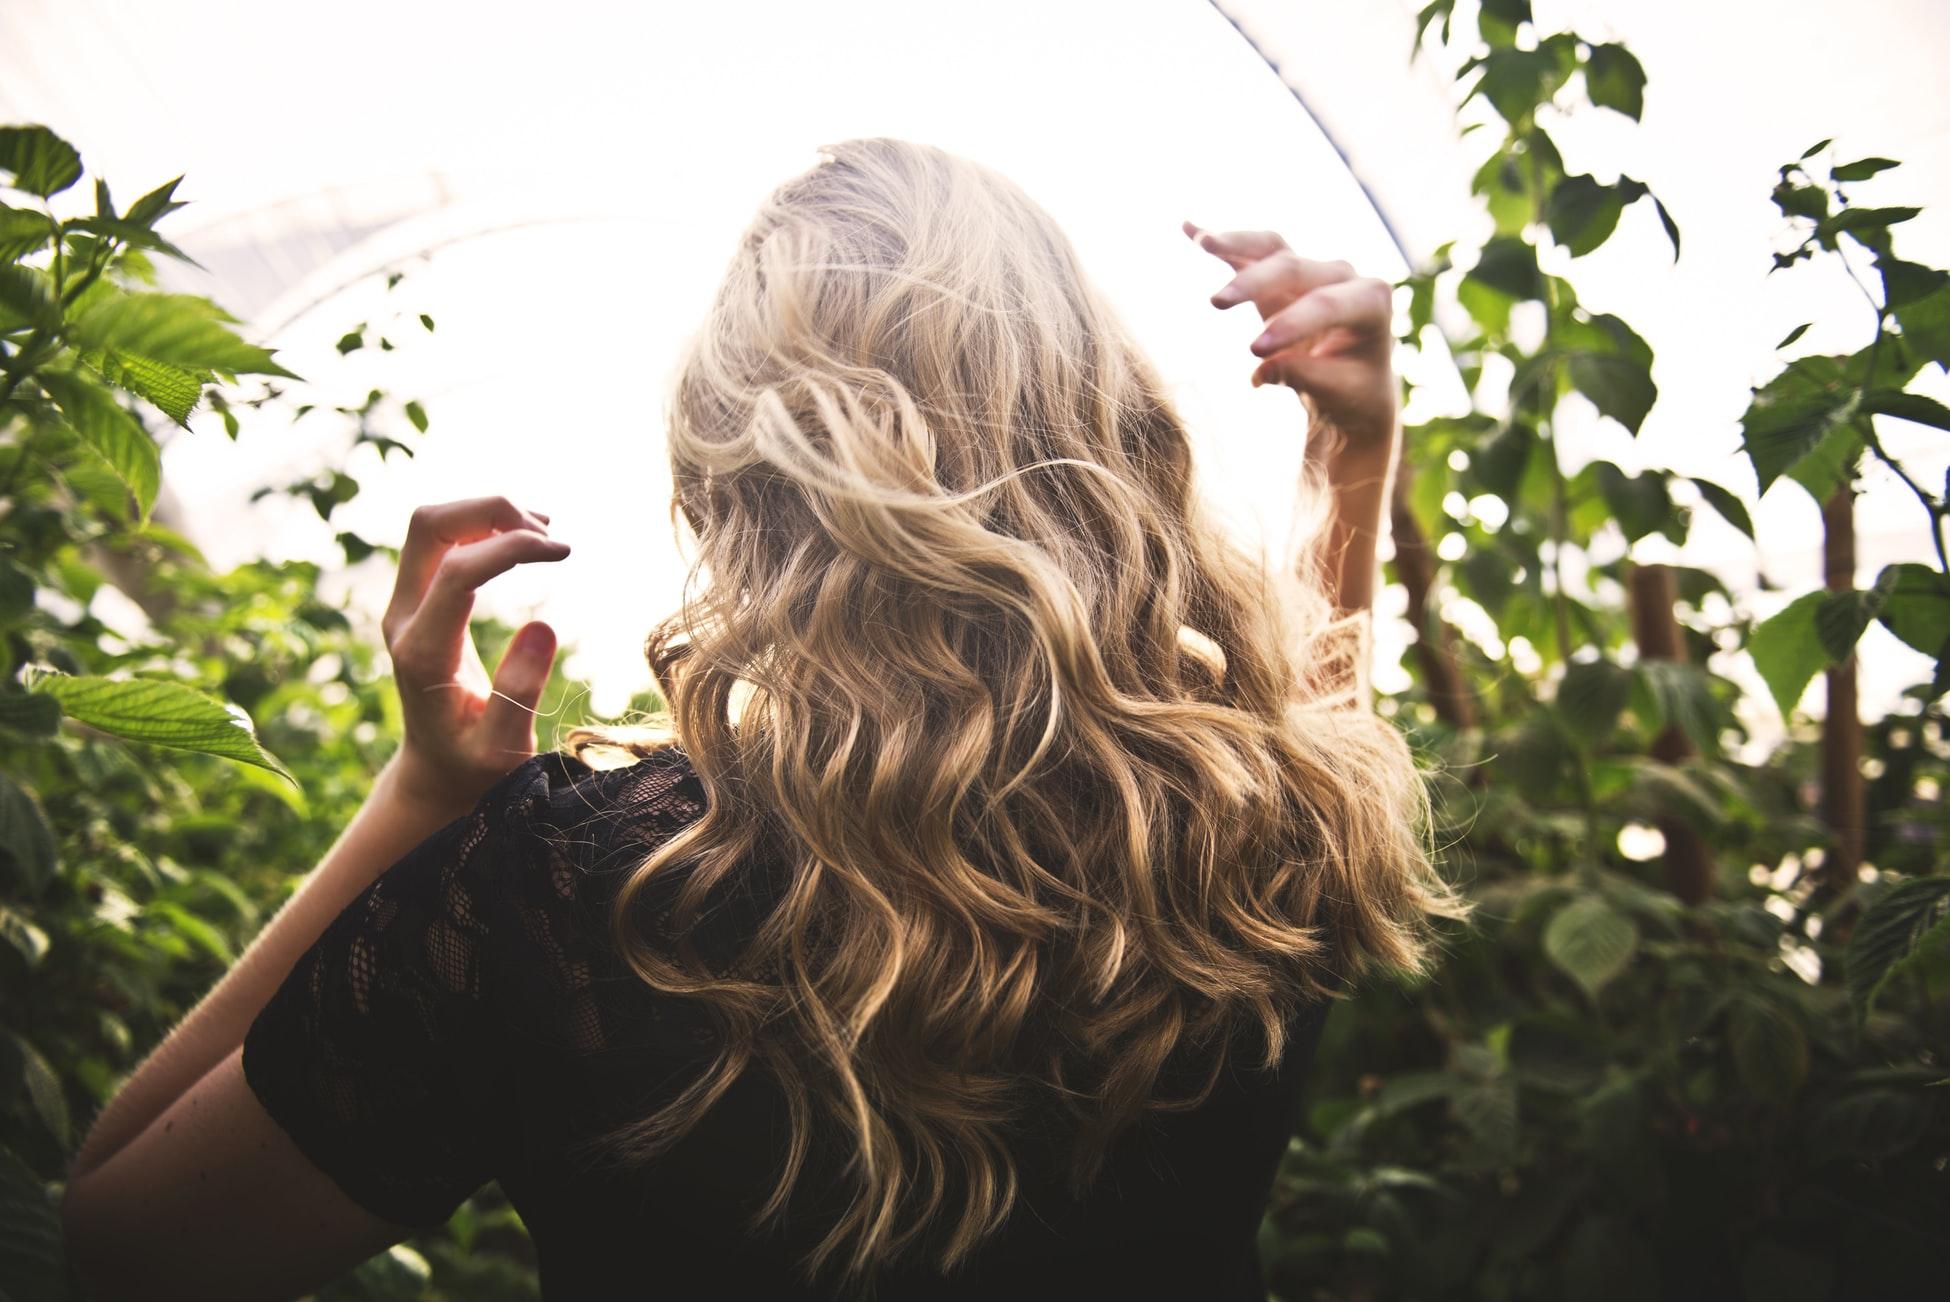 Schöne kräftige Haare symbolisieren Gesundheit und Vitalität